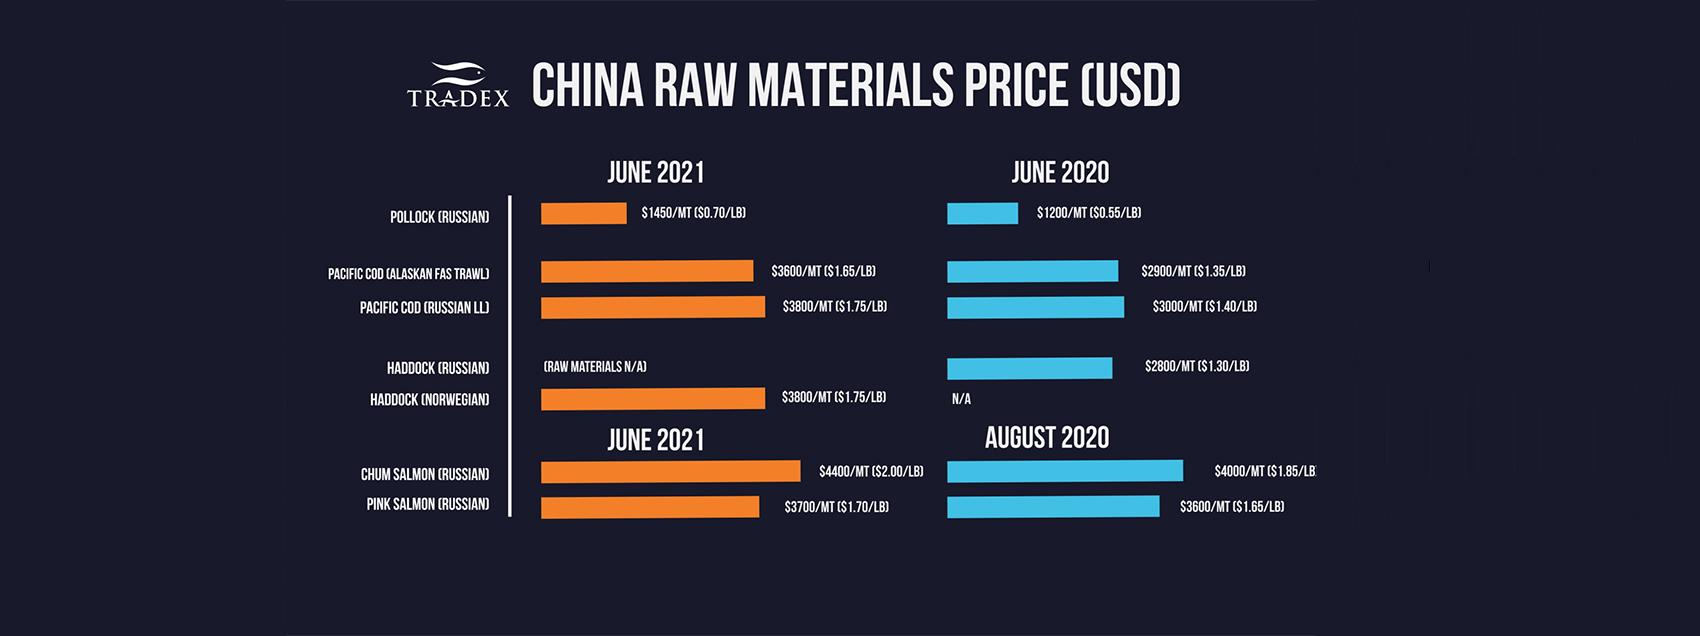 China Raw Materials Pricing